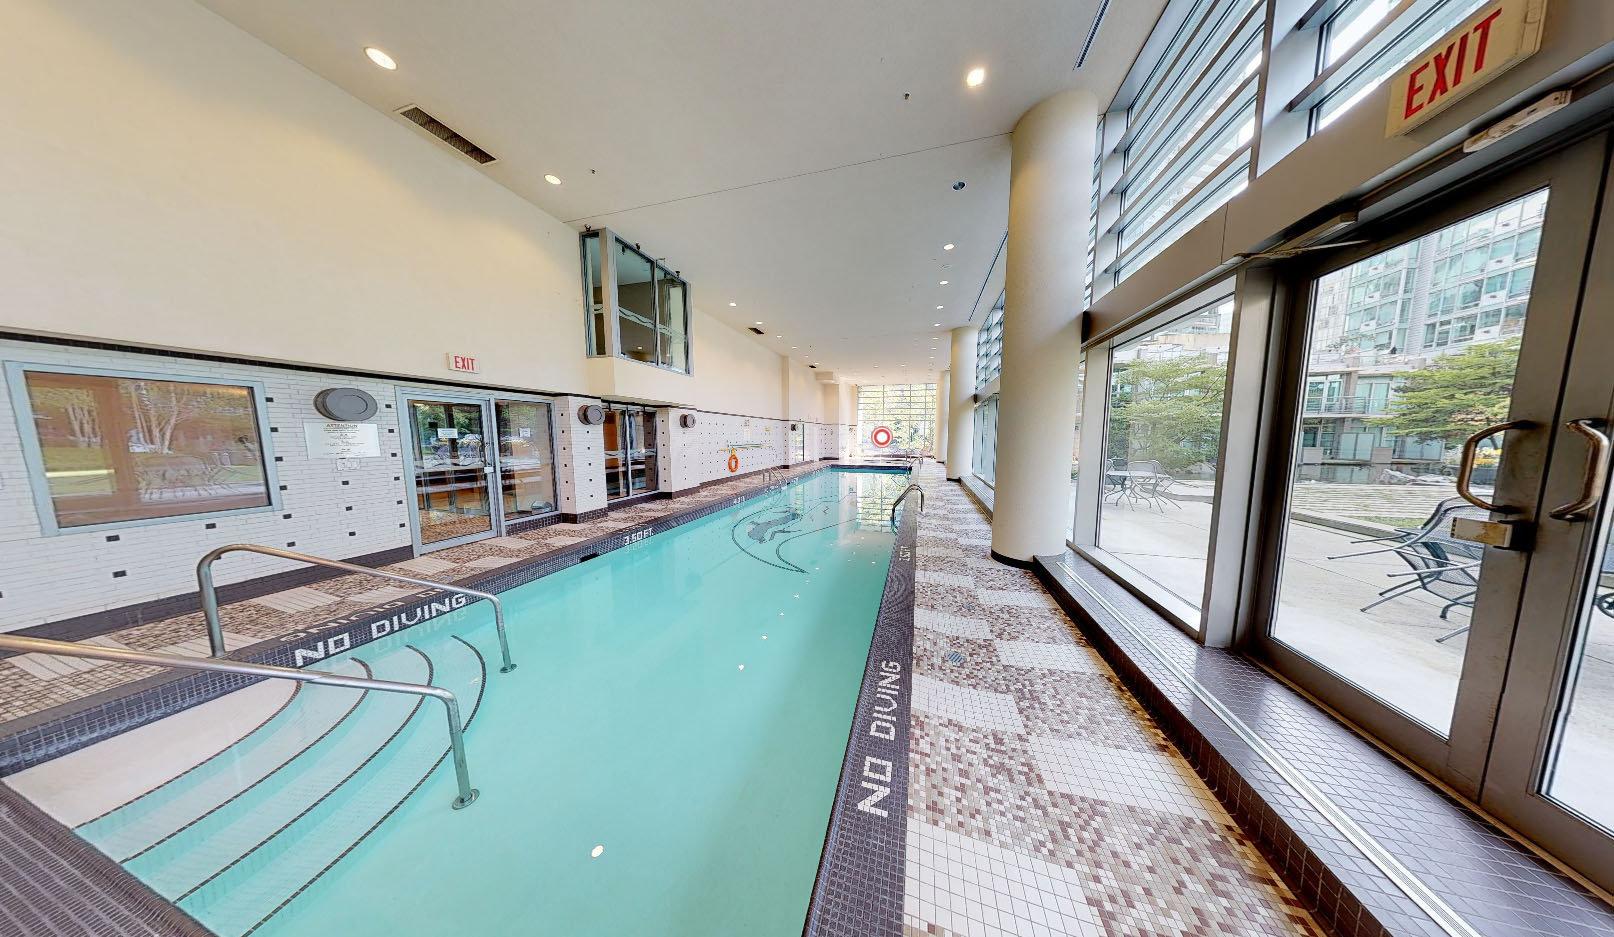 Cascina - 590 Nicola St - Indoor Pool!